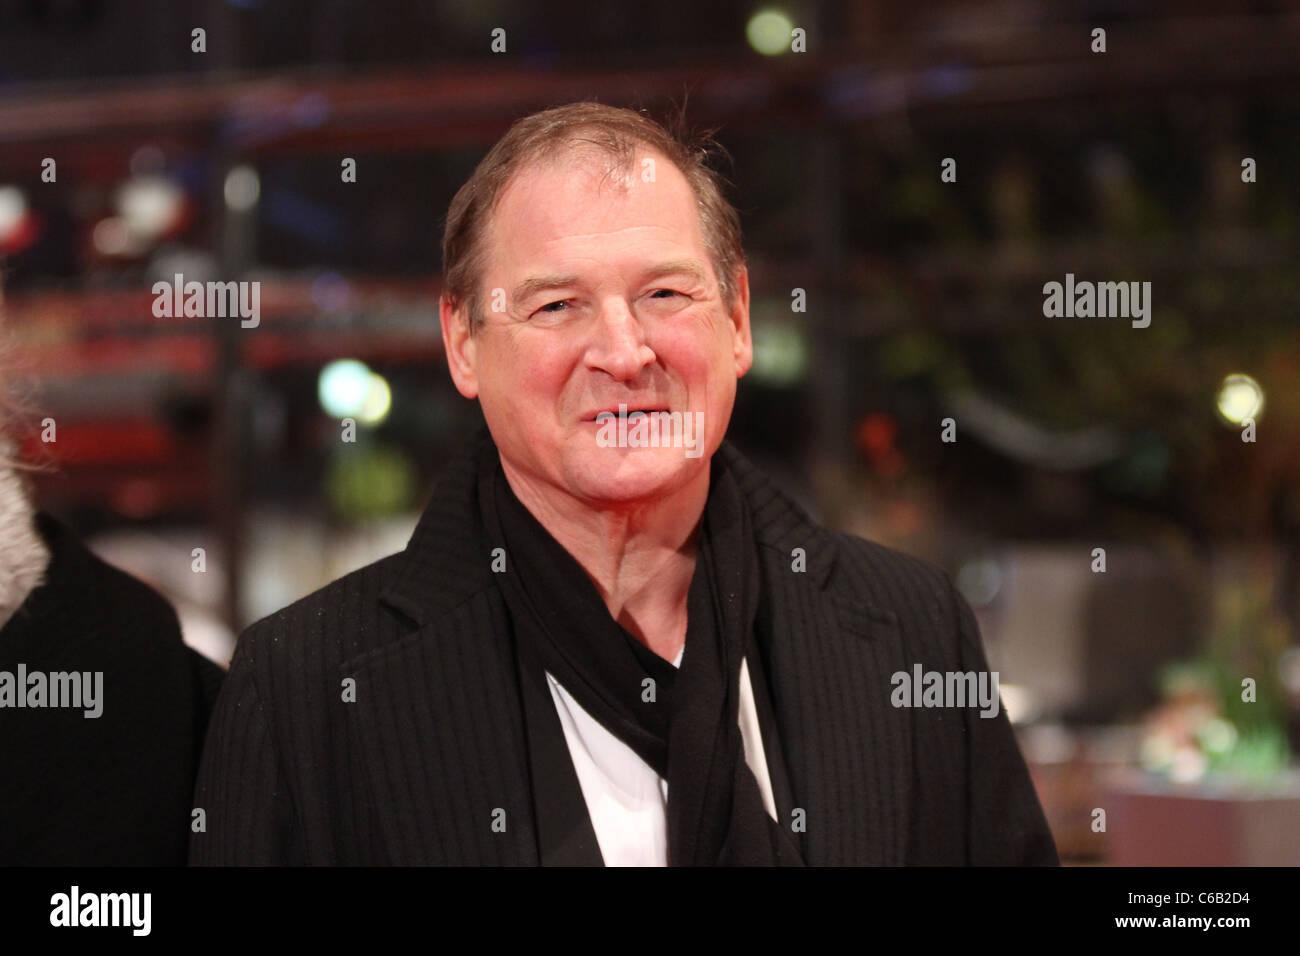 Burghart Klaußner bei der 60. Internationalen Filmfestspiele Berlin (Berlinale) - Premiere. Berlin, Deutschland Stockfoto